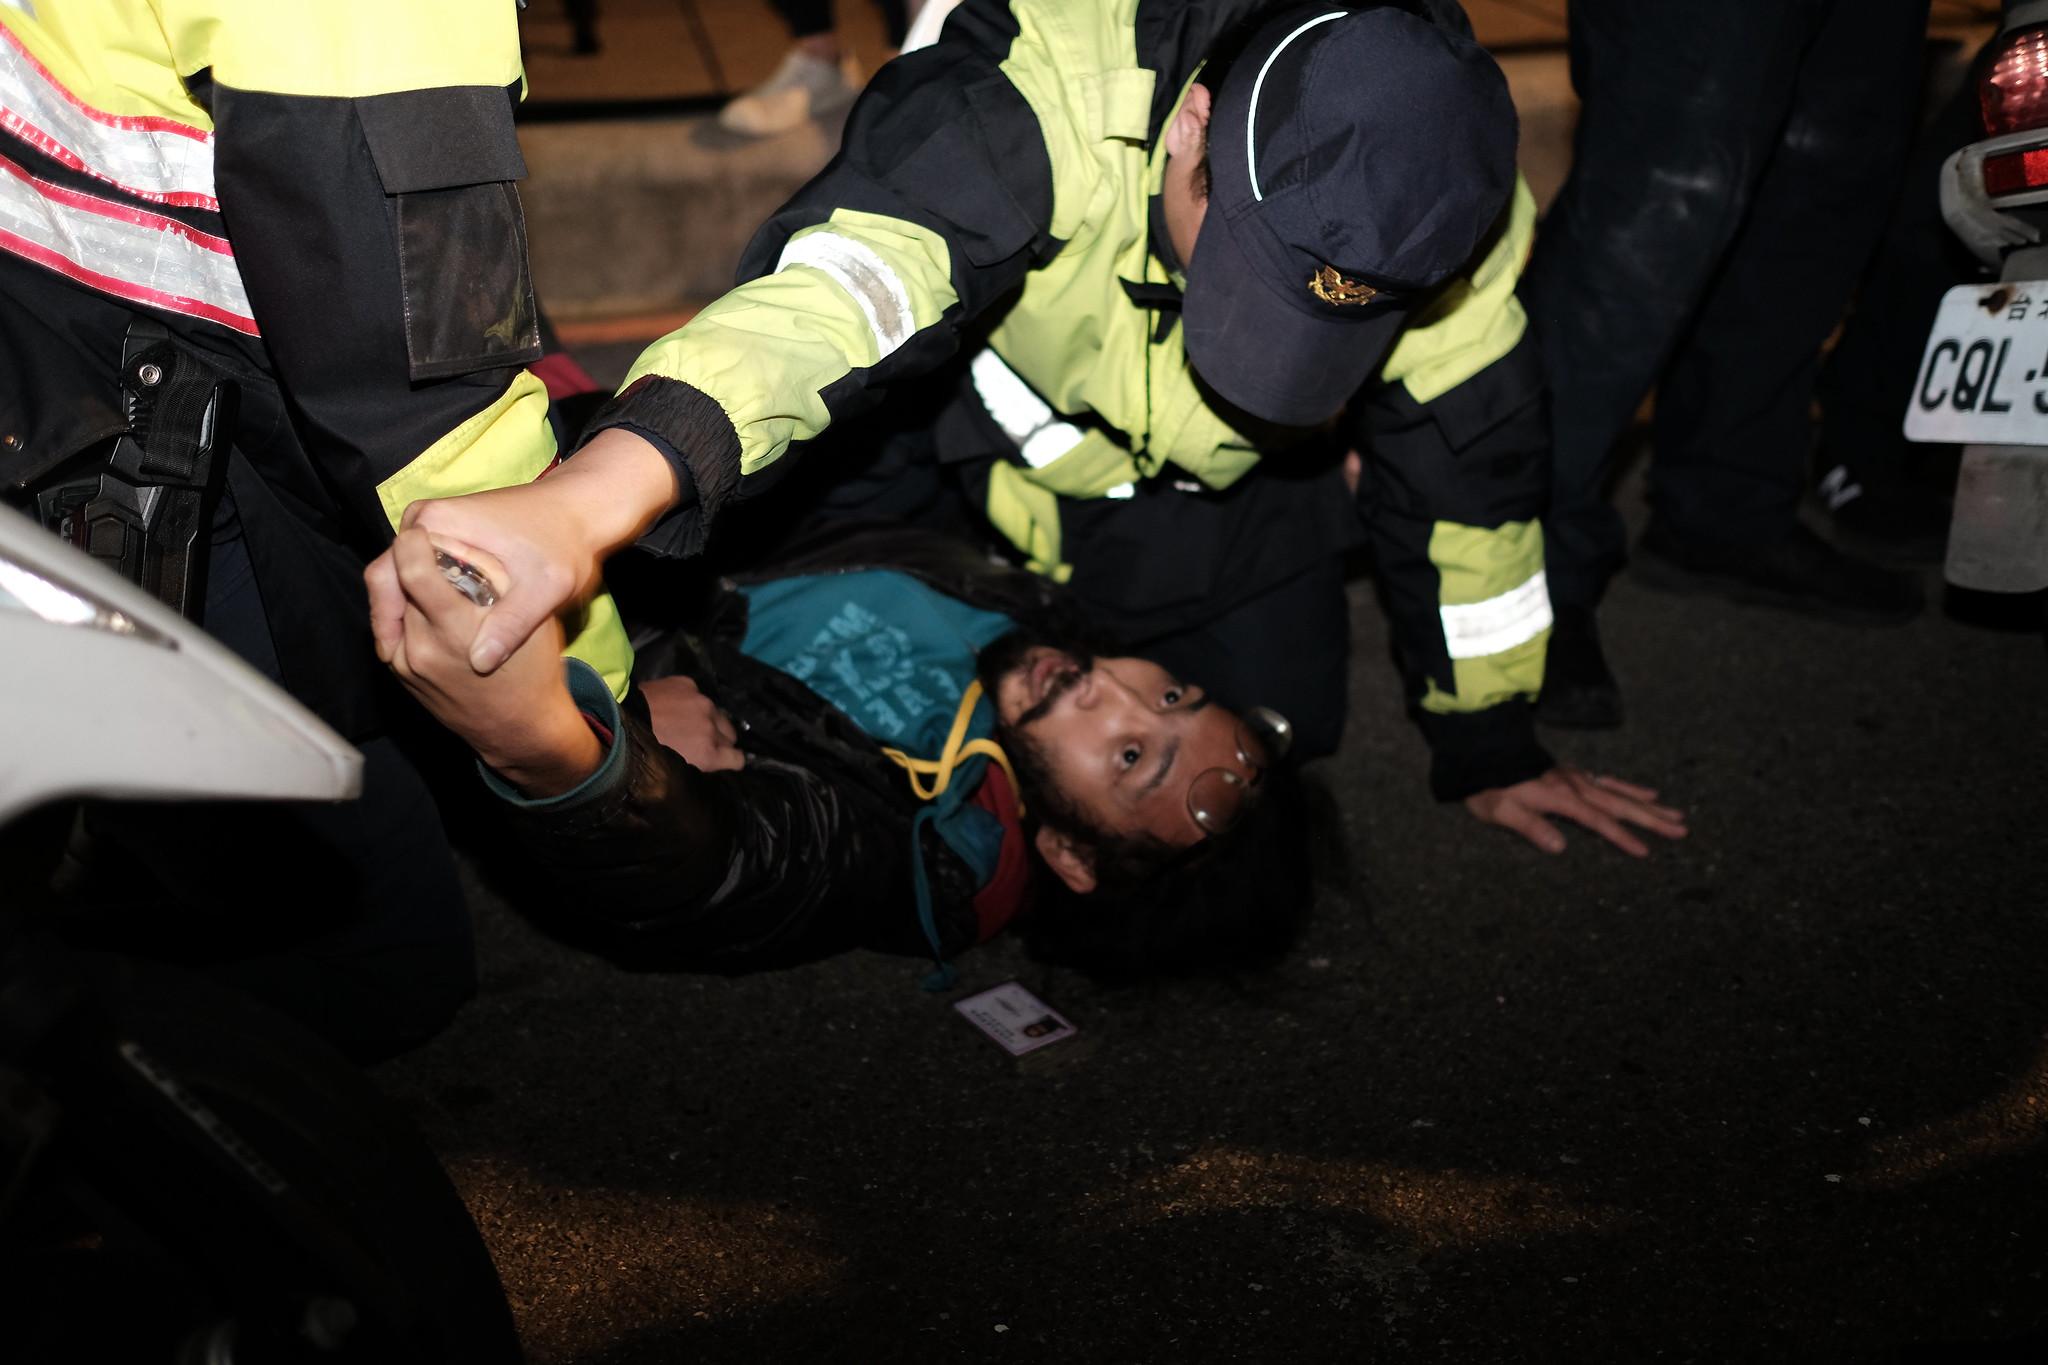 警方將正在拍照的《焦點事件》記者王子豪摔倒在地,搶奪其錄音筆。(攝影:唐佐欣)